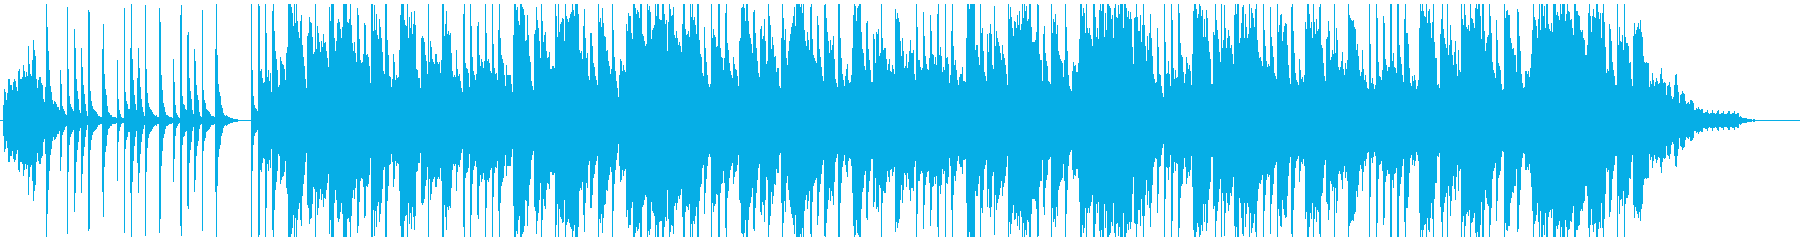 セクシーなテナーサックスの再生済みの波形